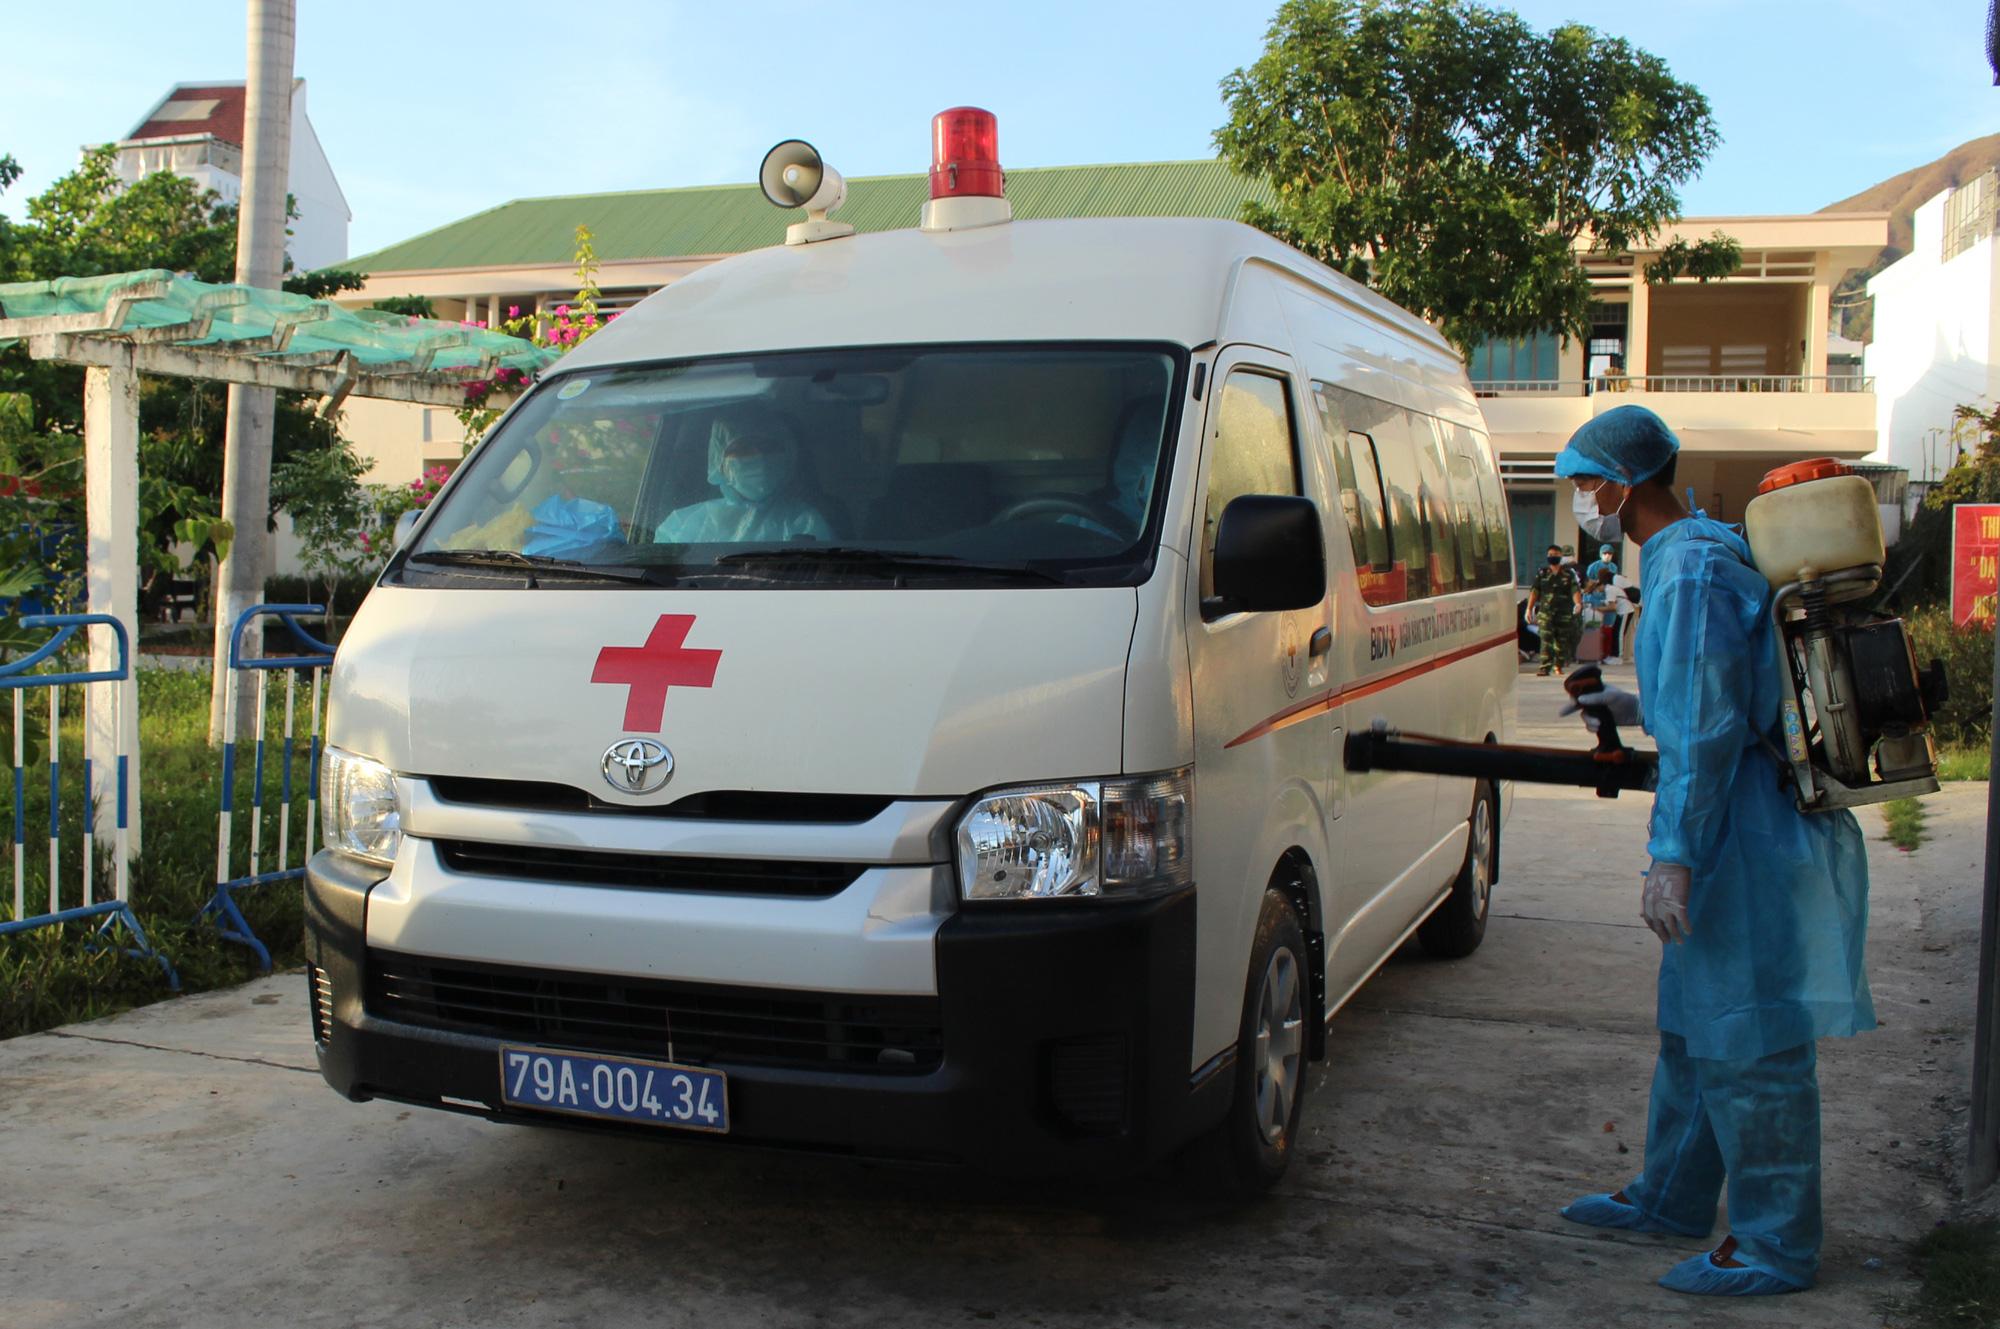 Khánh Hòa: Tất cả các trường hợp liên quan đến Bệnh viện Bạch Mai đều có kết quả xét nghiêm âm tính - Ảnh 1.